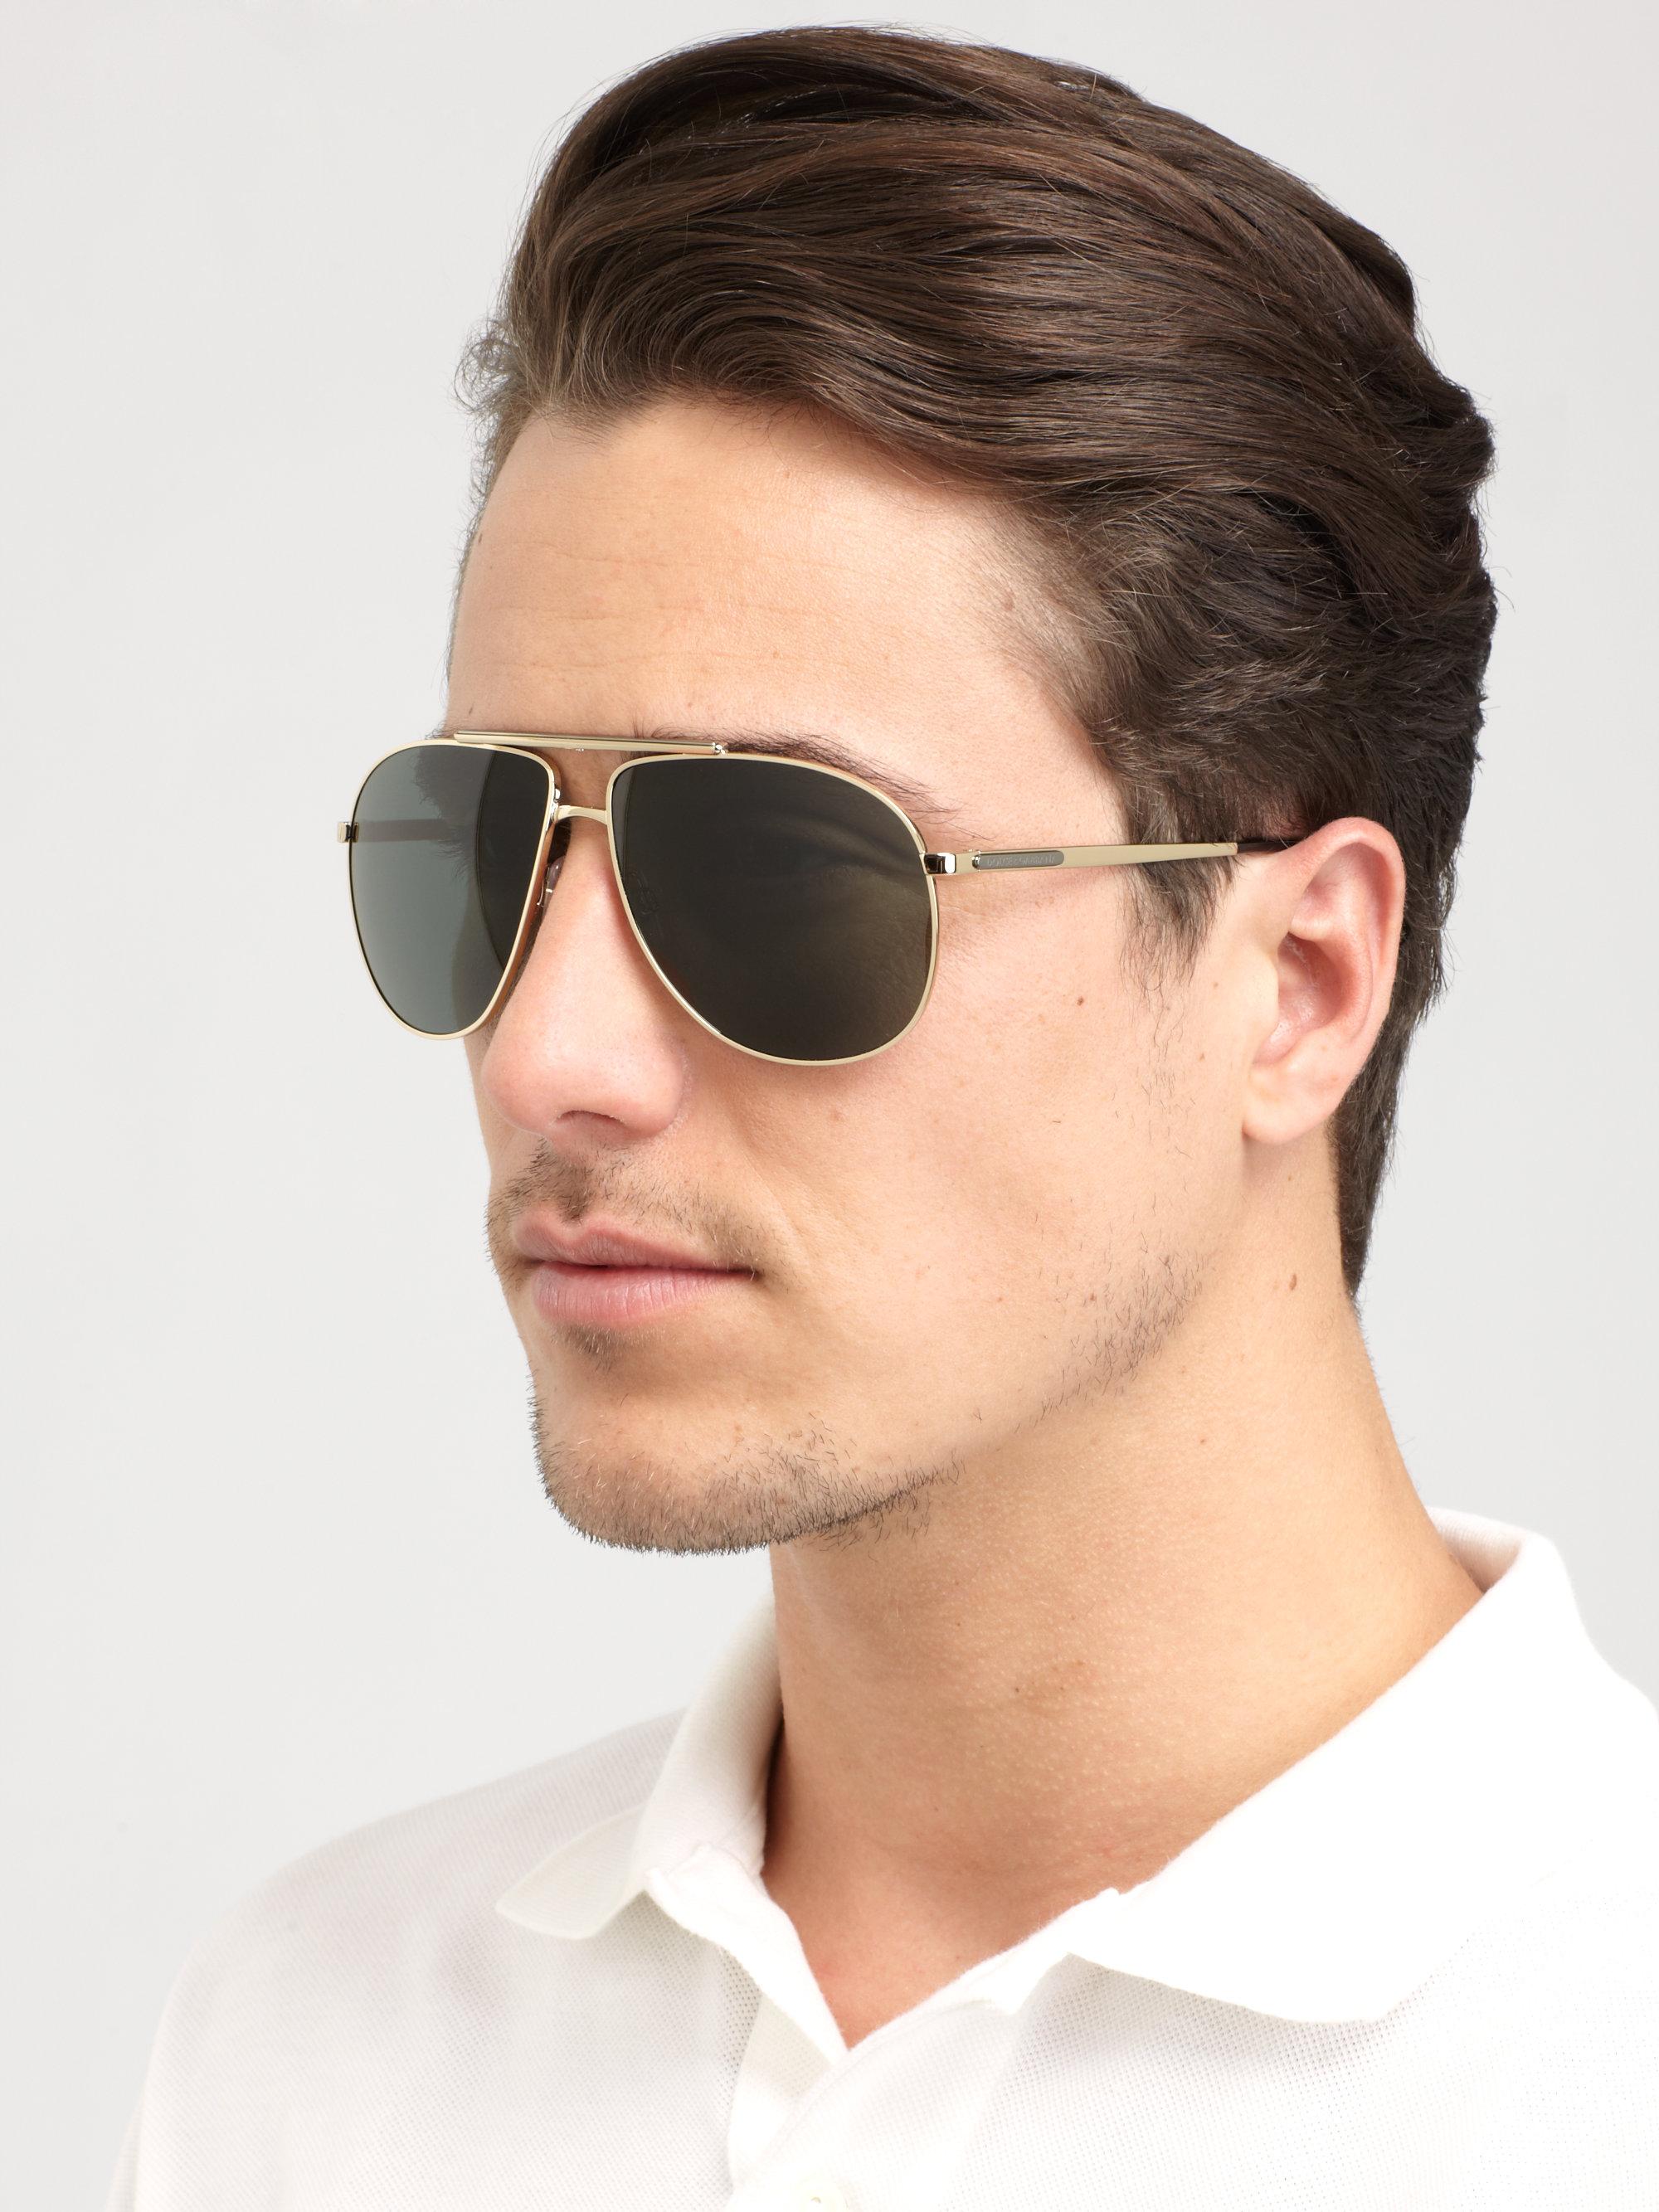 Dolce Gabbana Sunglasses K31a